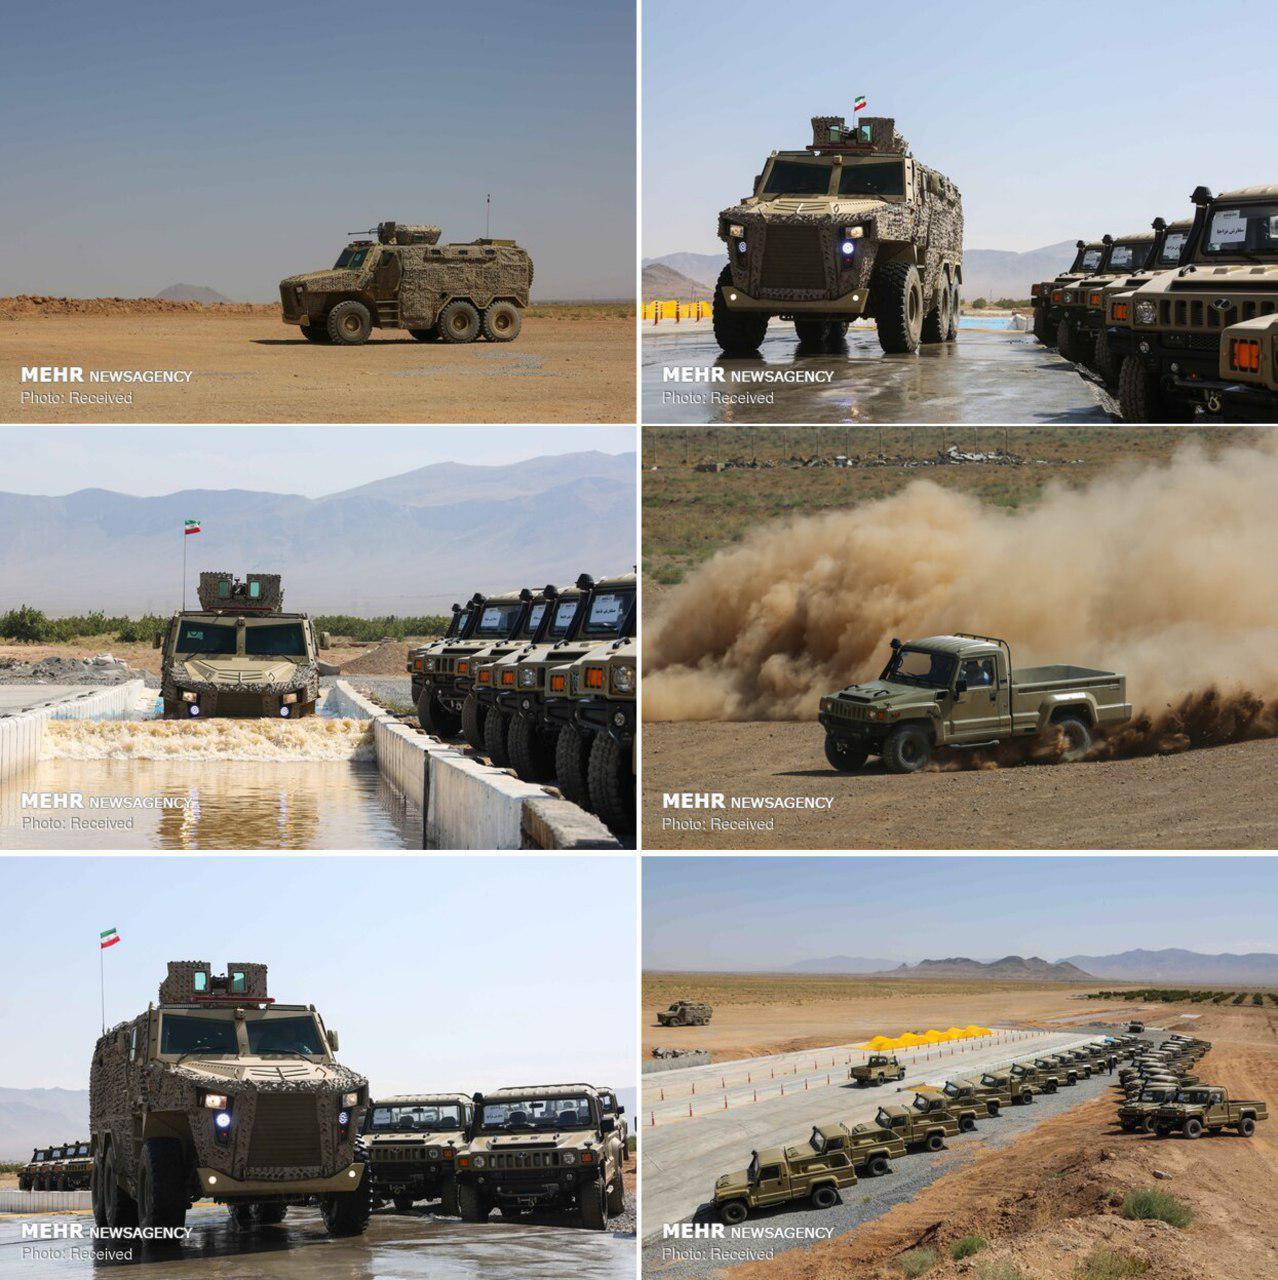 رونمایی از دو خودروی نظامی پیشرفته